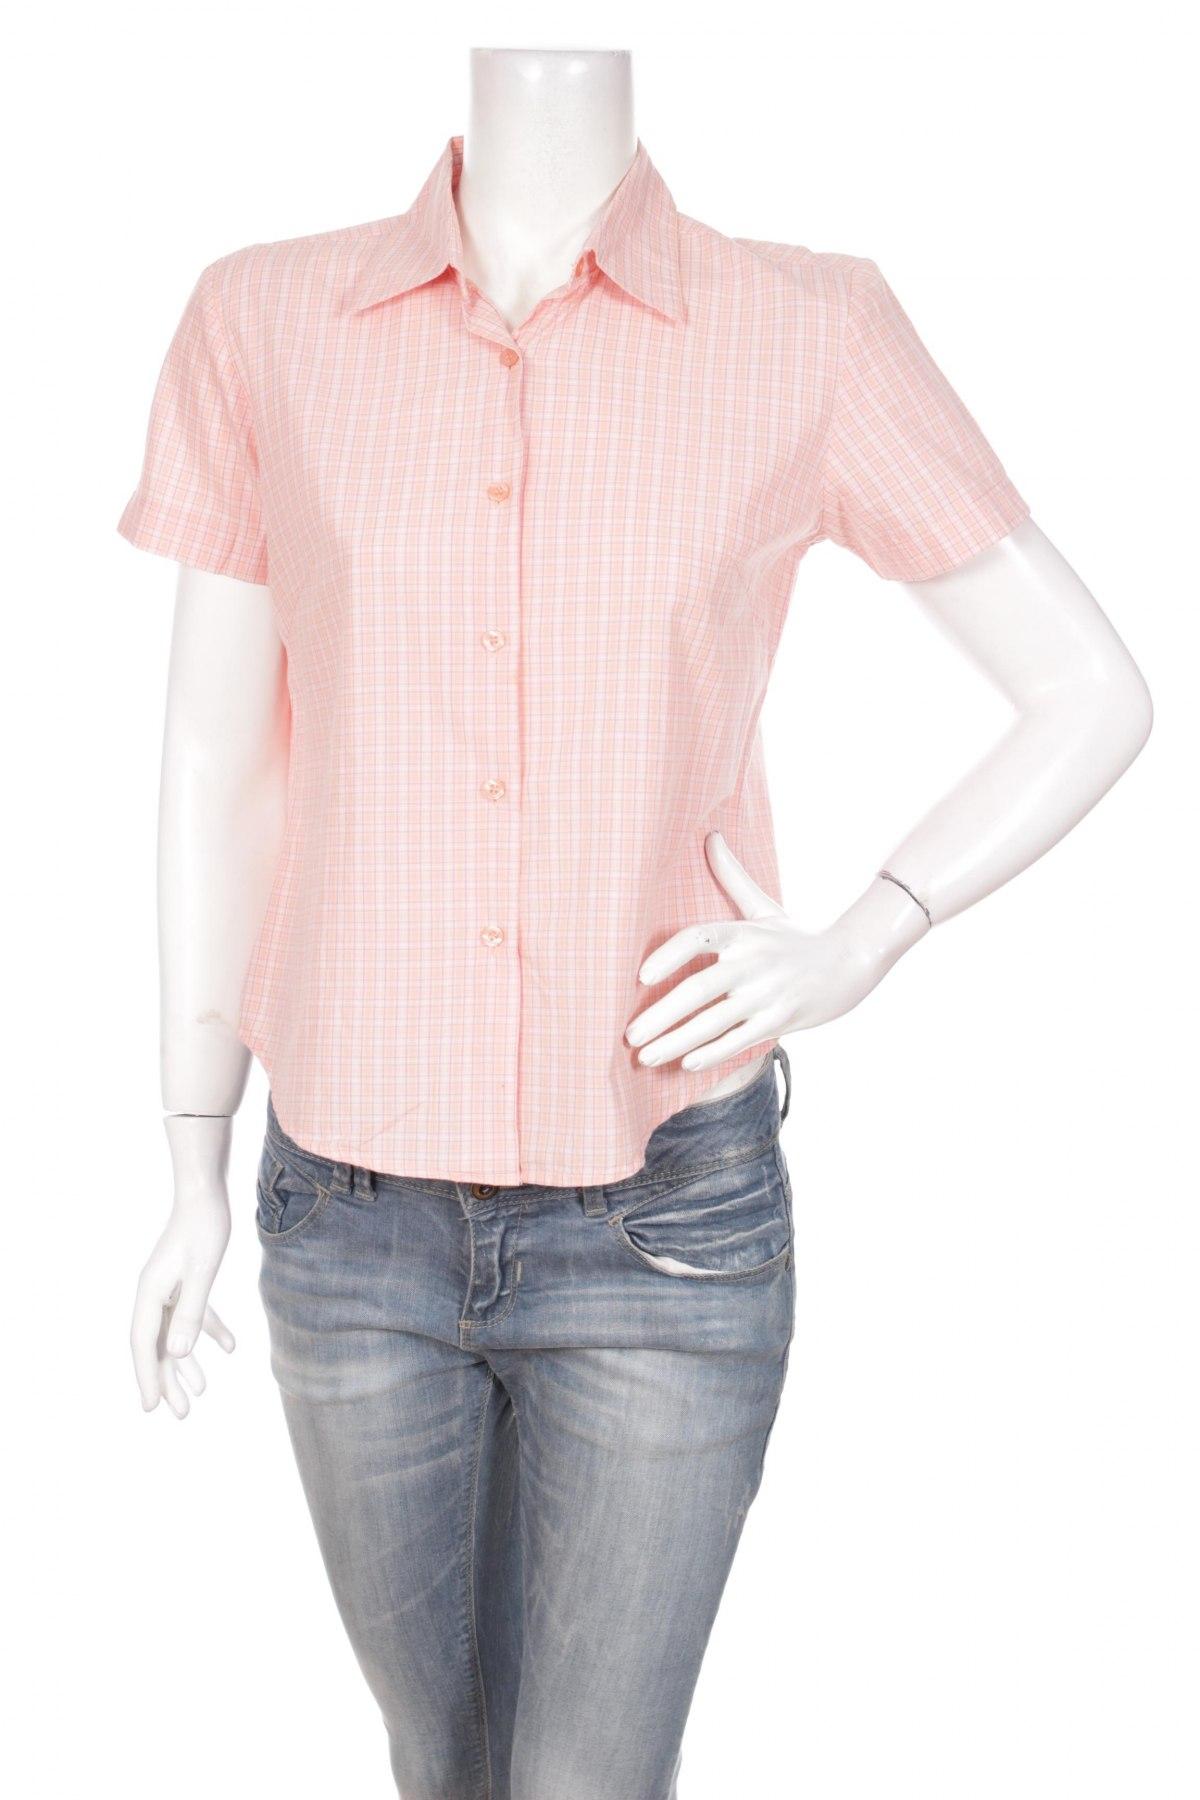 Γυναικείο πουκάμισο Sto